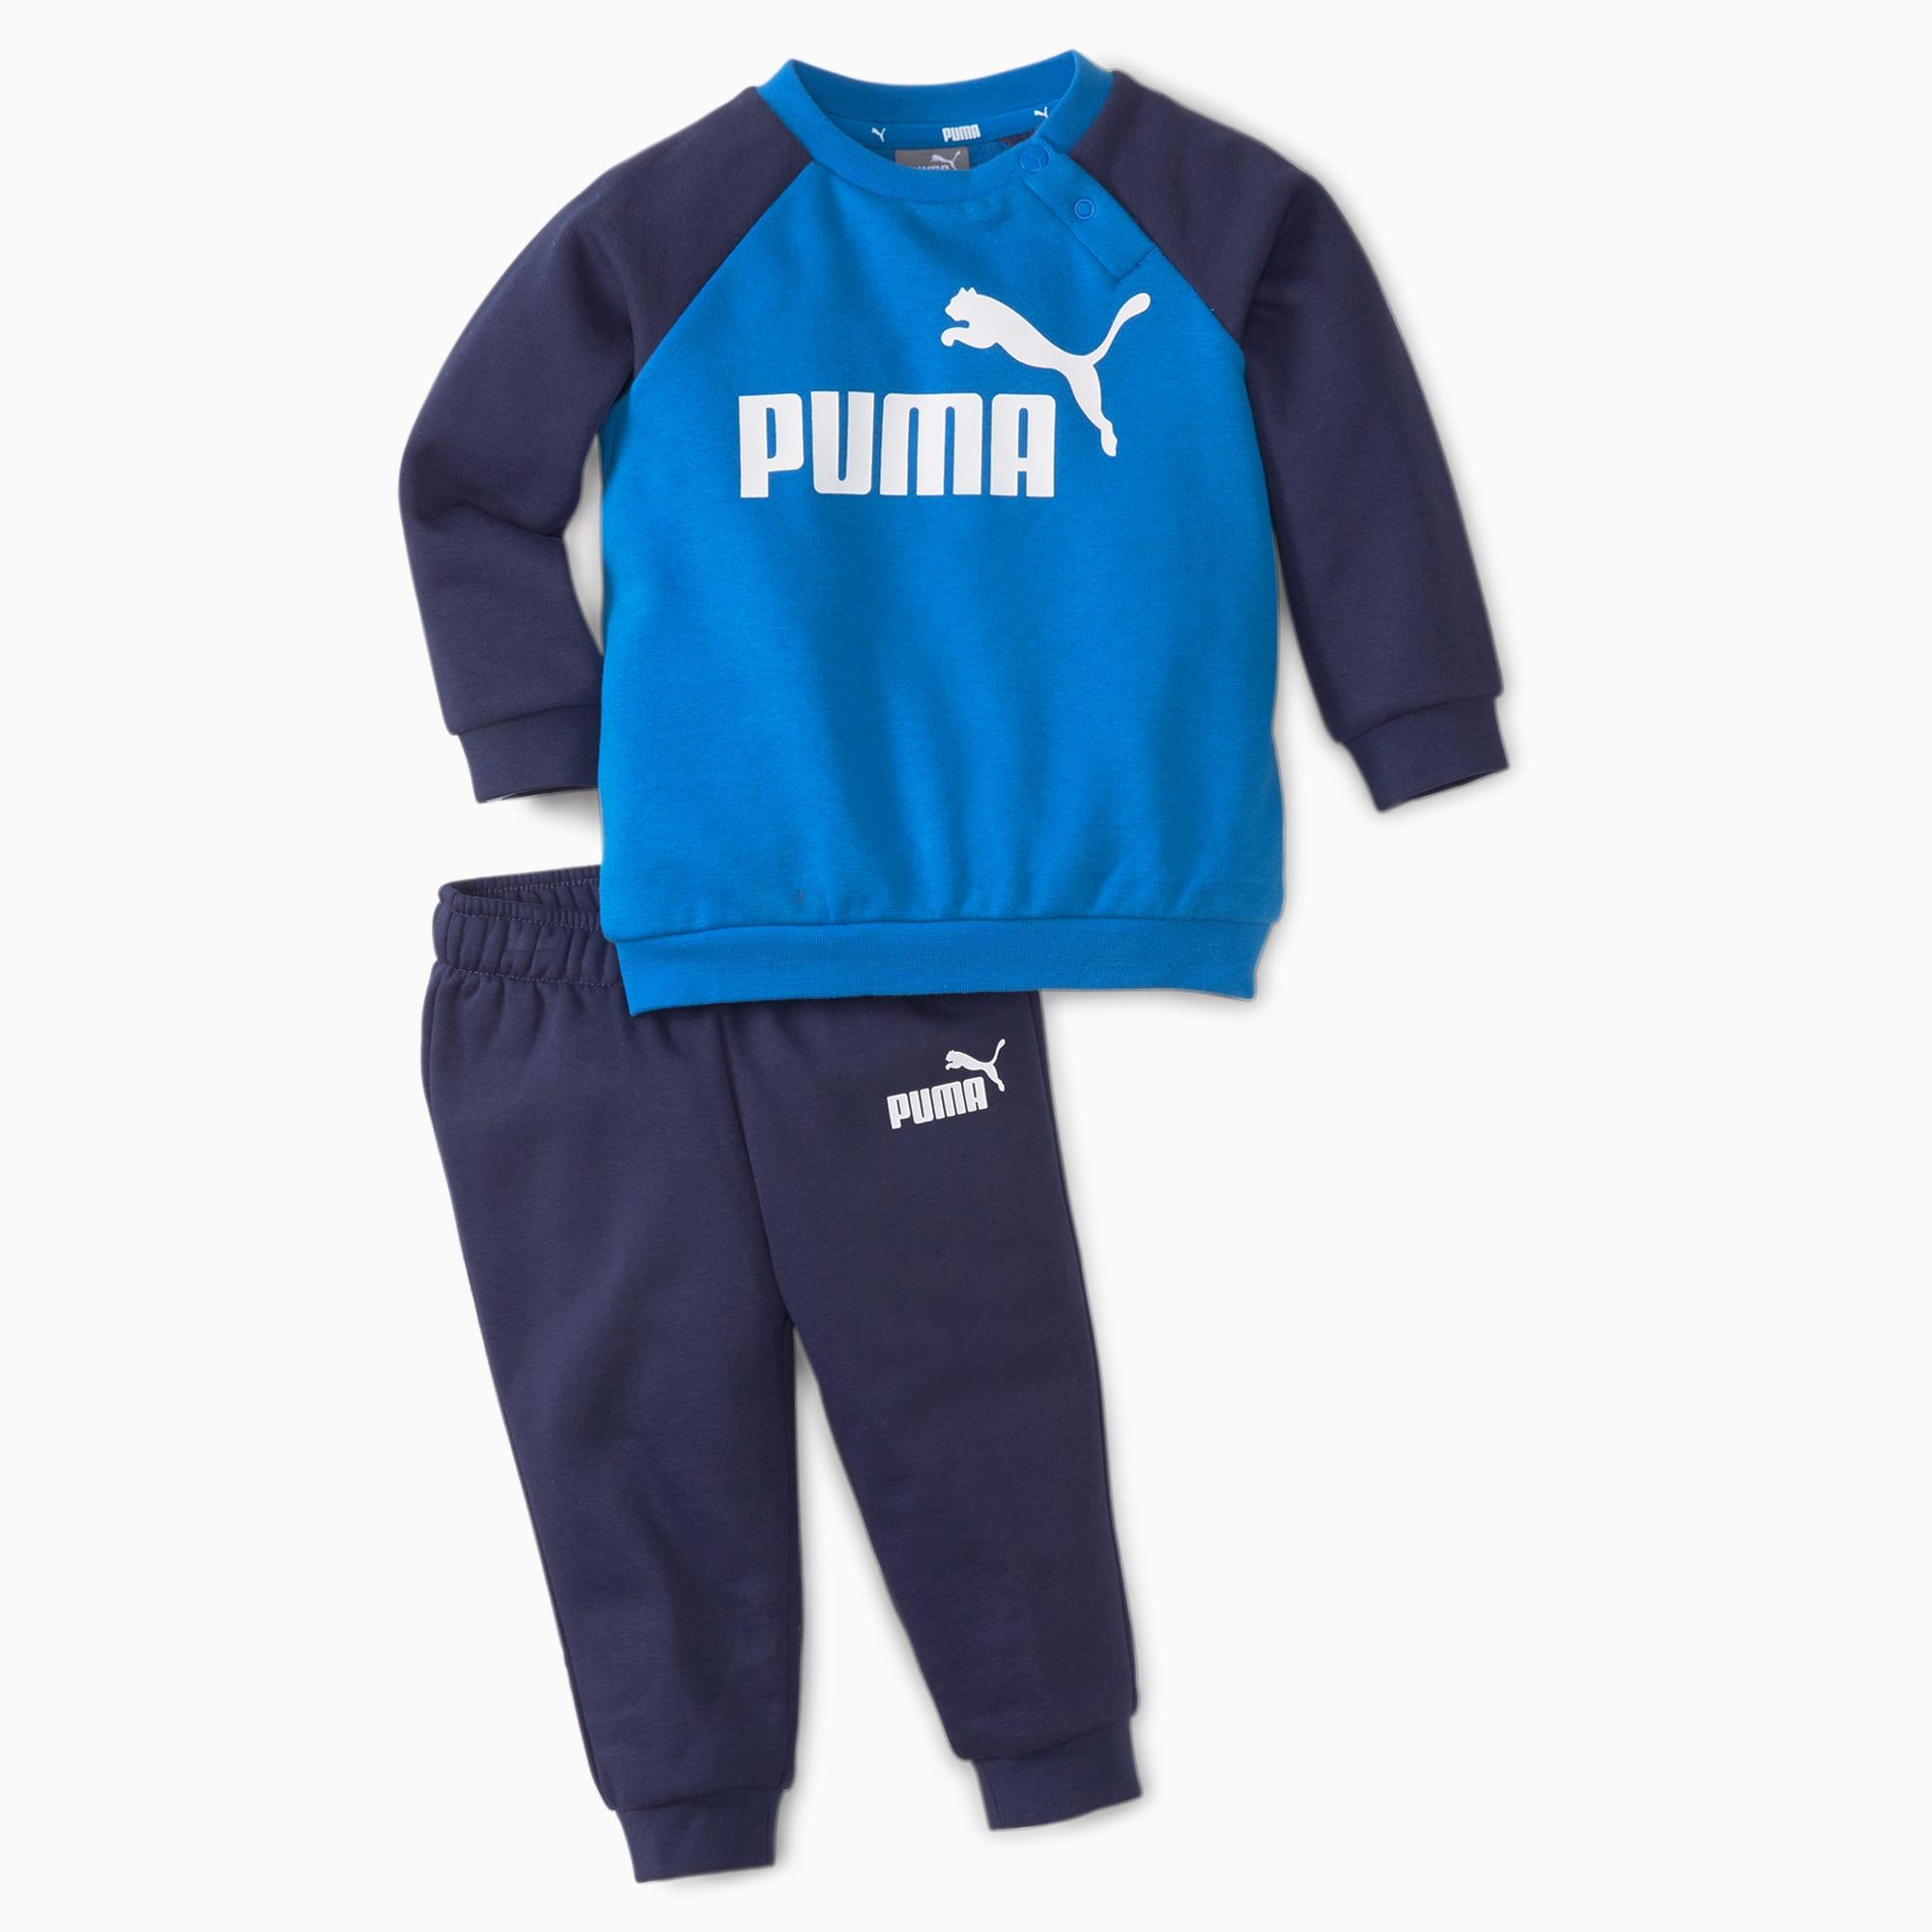 PUMA Minicats Essentials Raglan Babies' Jogger Set, Future Blue, size 3/6M, Clothing